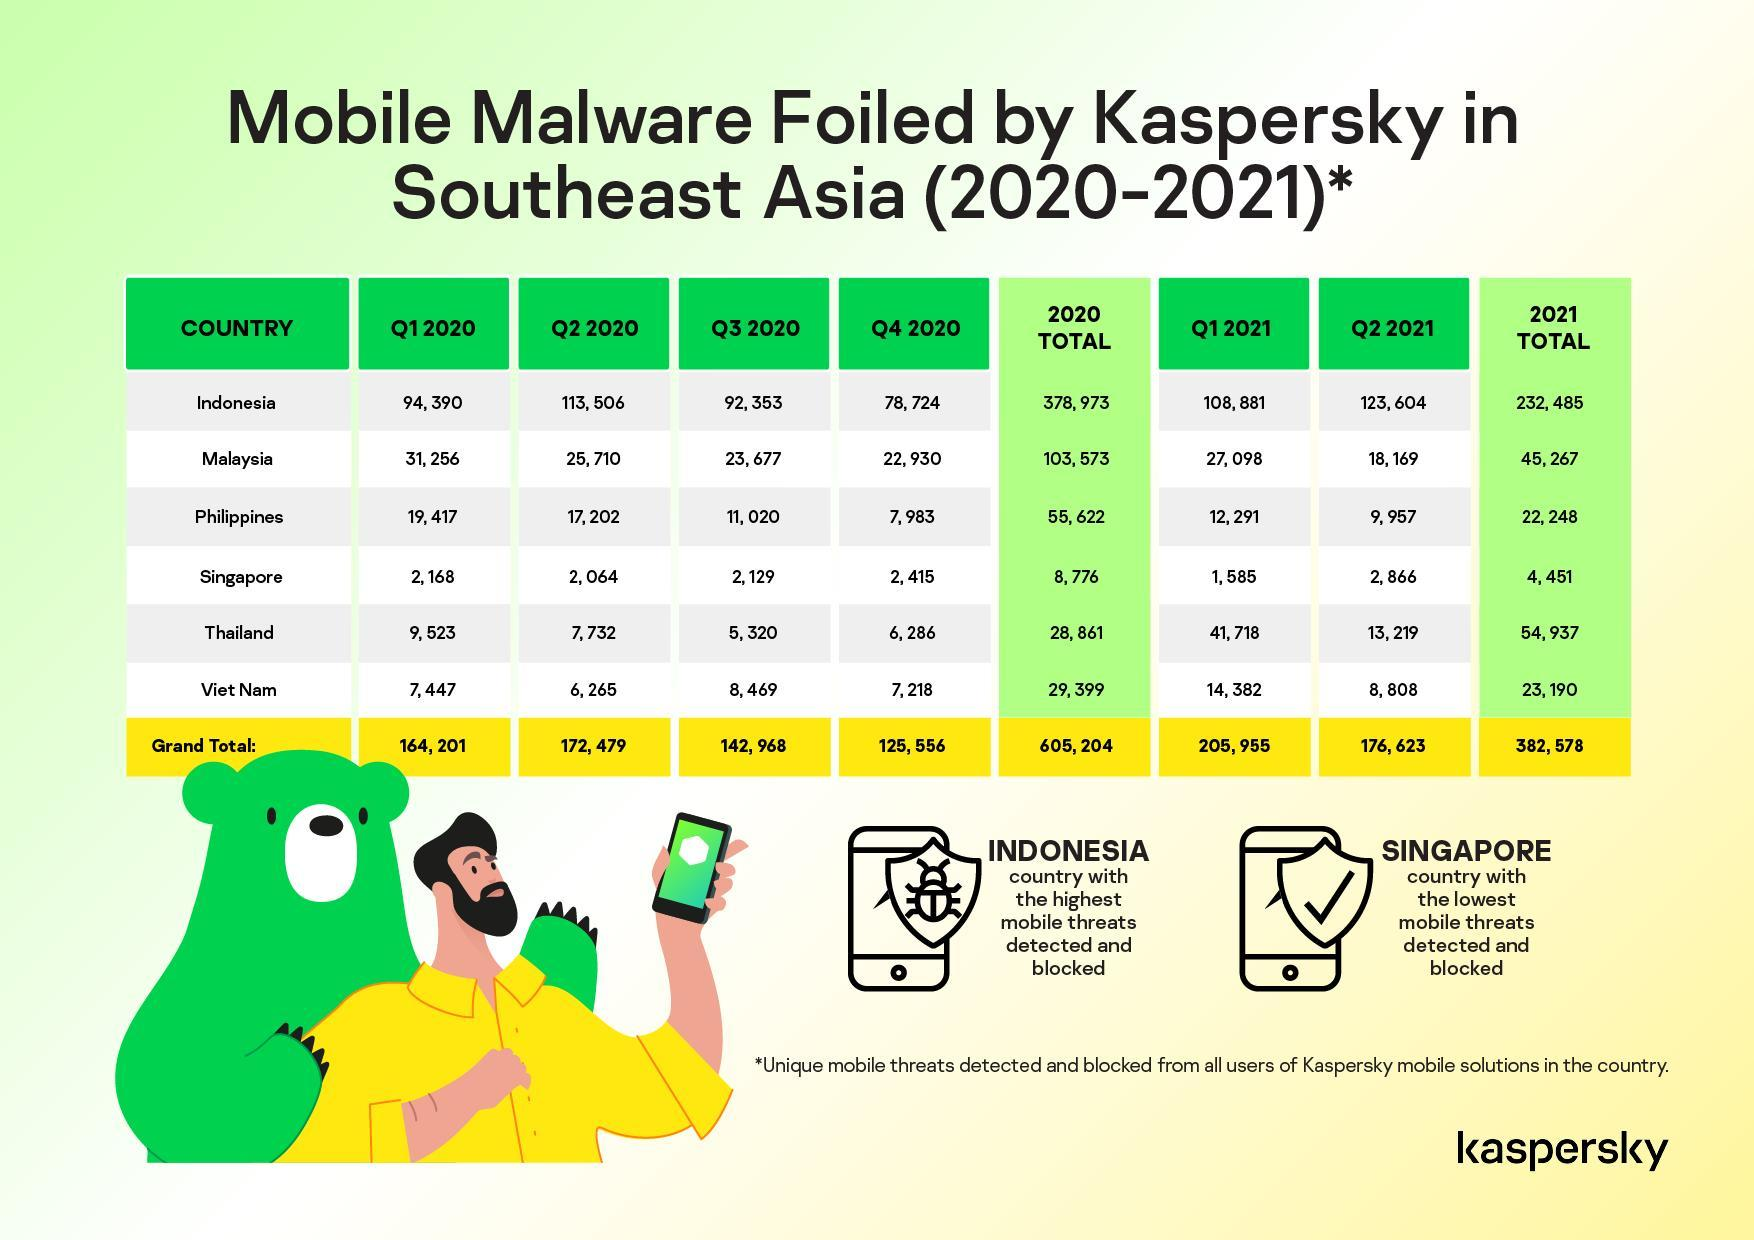 Kaspersky ngăn chặn hơn 2.000 mã độc di động mỗi ngày trong khu vực Đông Nam Á